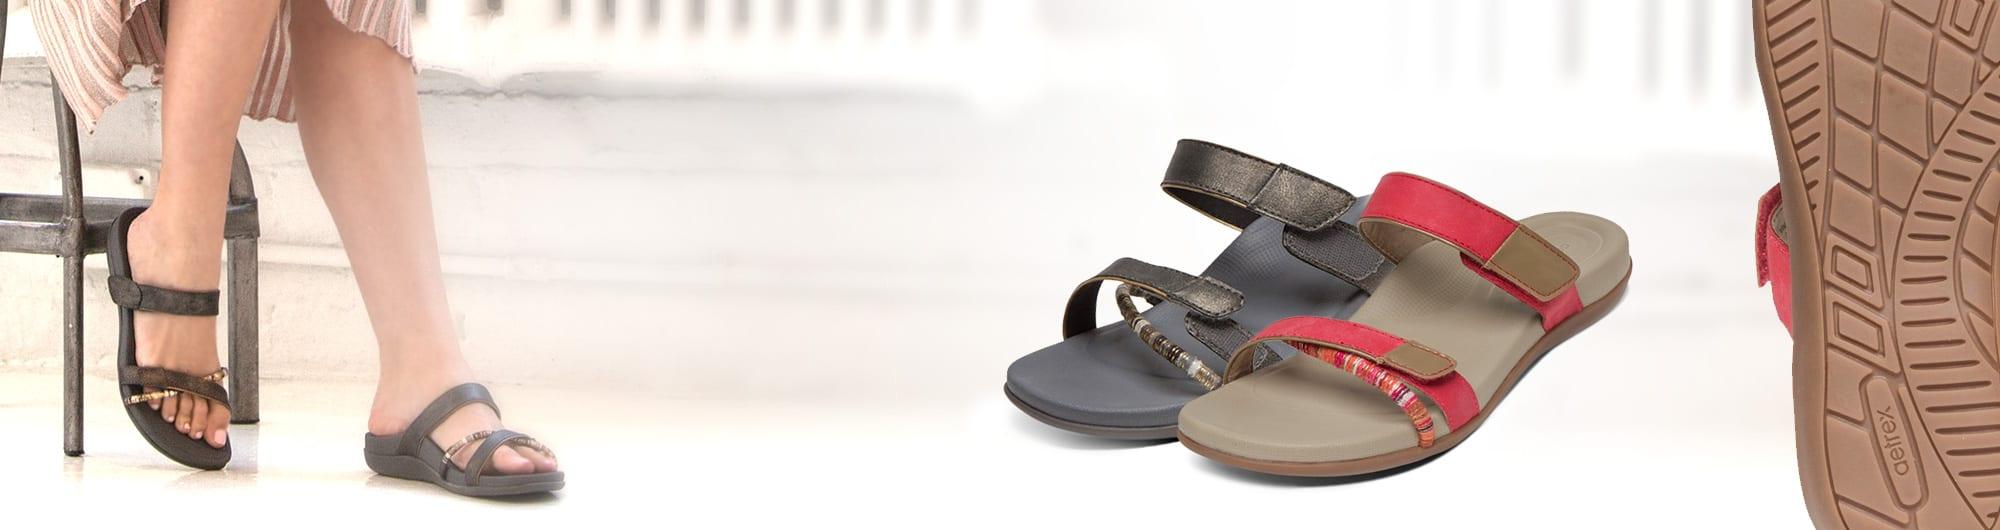 Дамски сандали актив на Aetrex